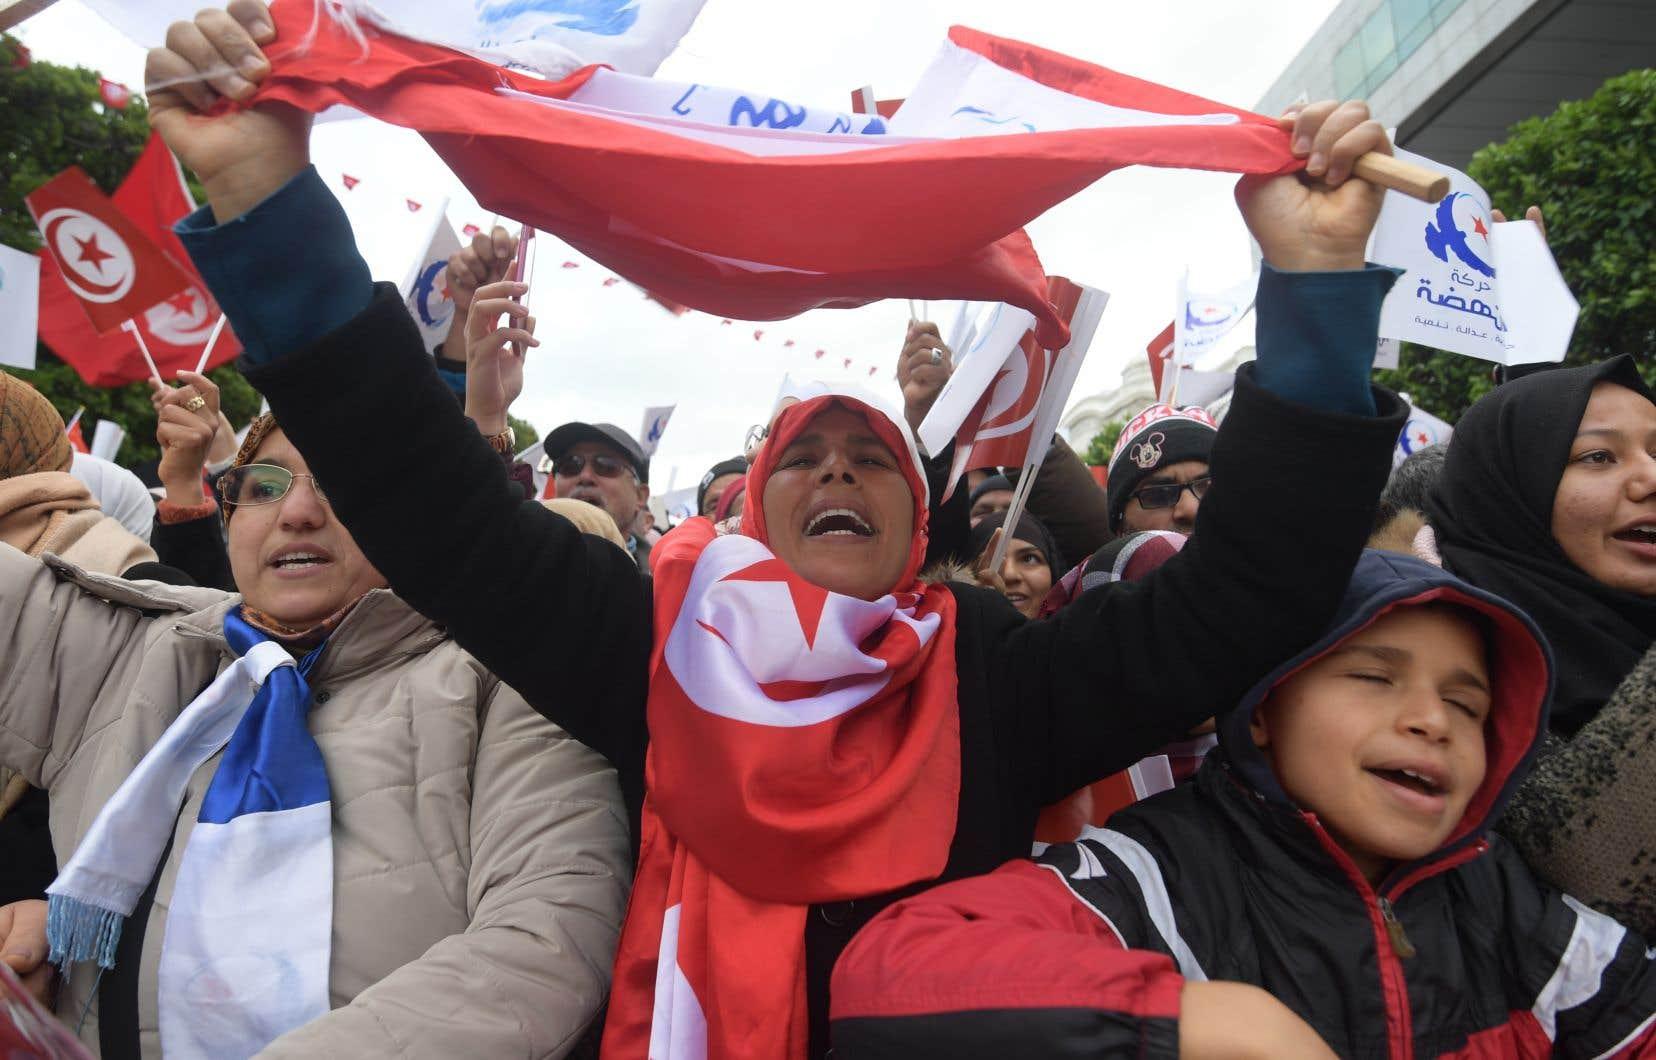 Parmi les manifestants, se trouvaient notamment des sympathisants des partis politiques Ennahdha (à référentiel islamiste) et du Front populaire (de gauche).